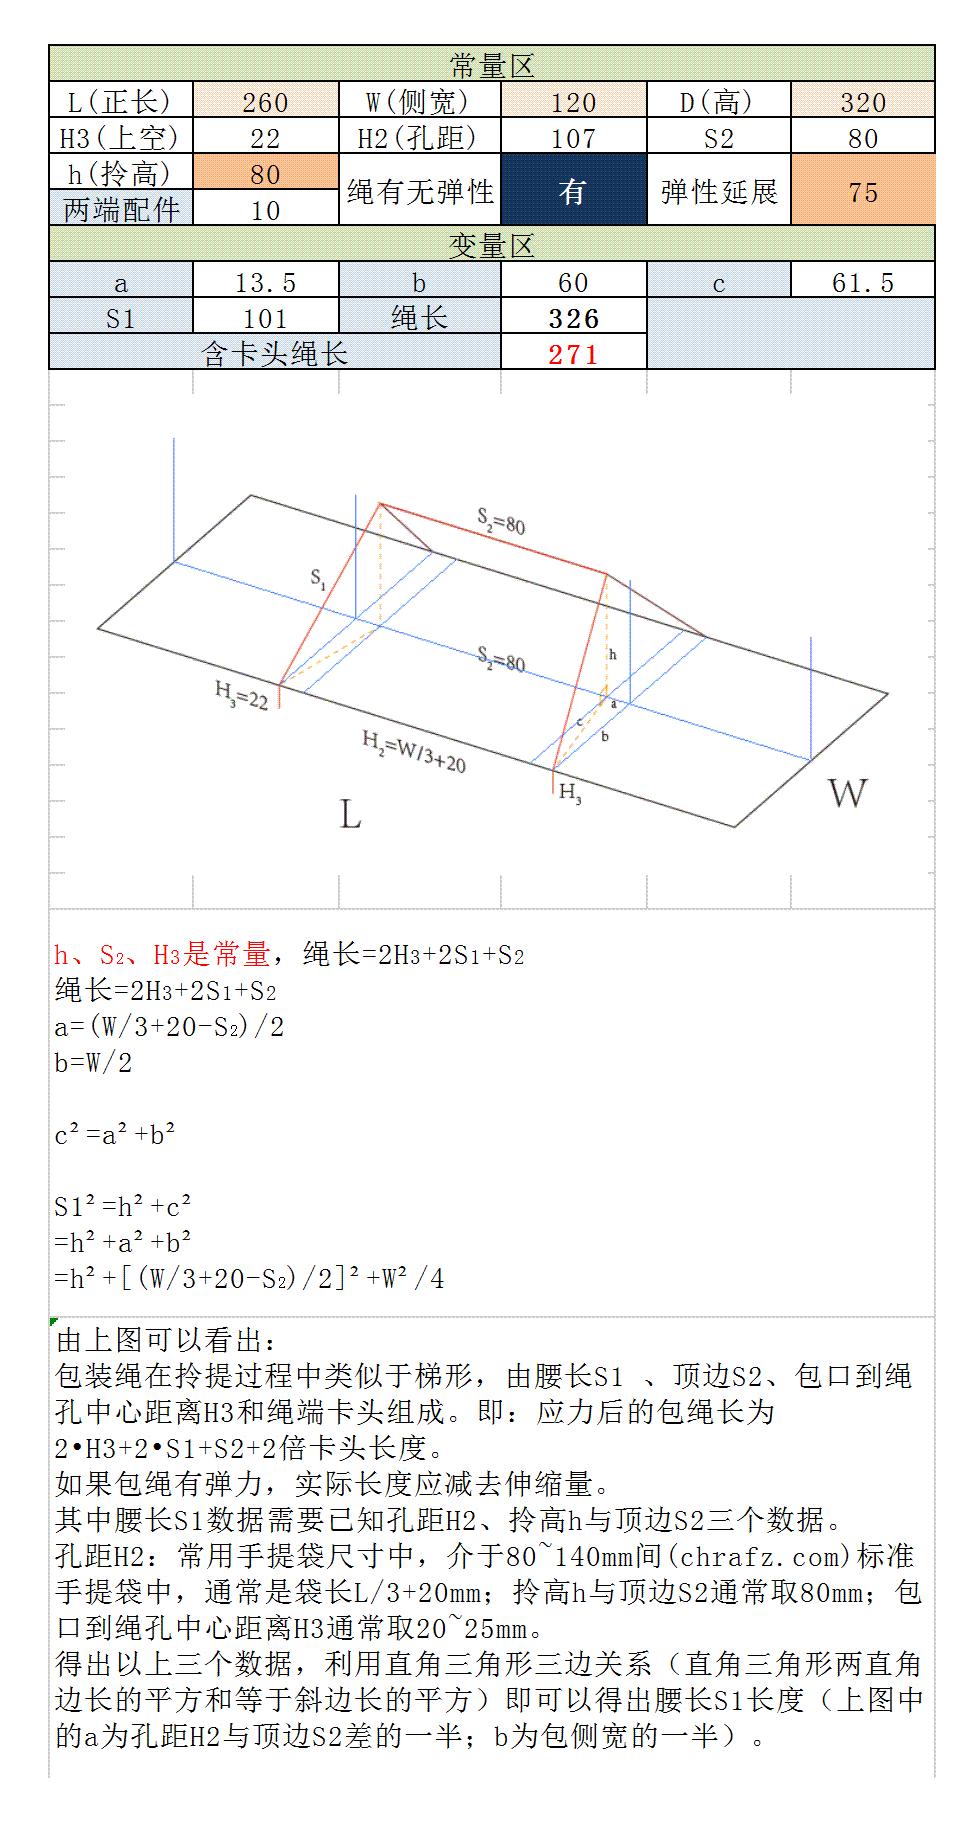 手提袋拎绳的算法及公式-设计-张弦先生-chrafz.com